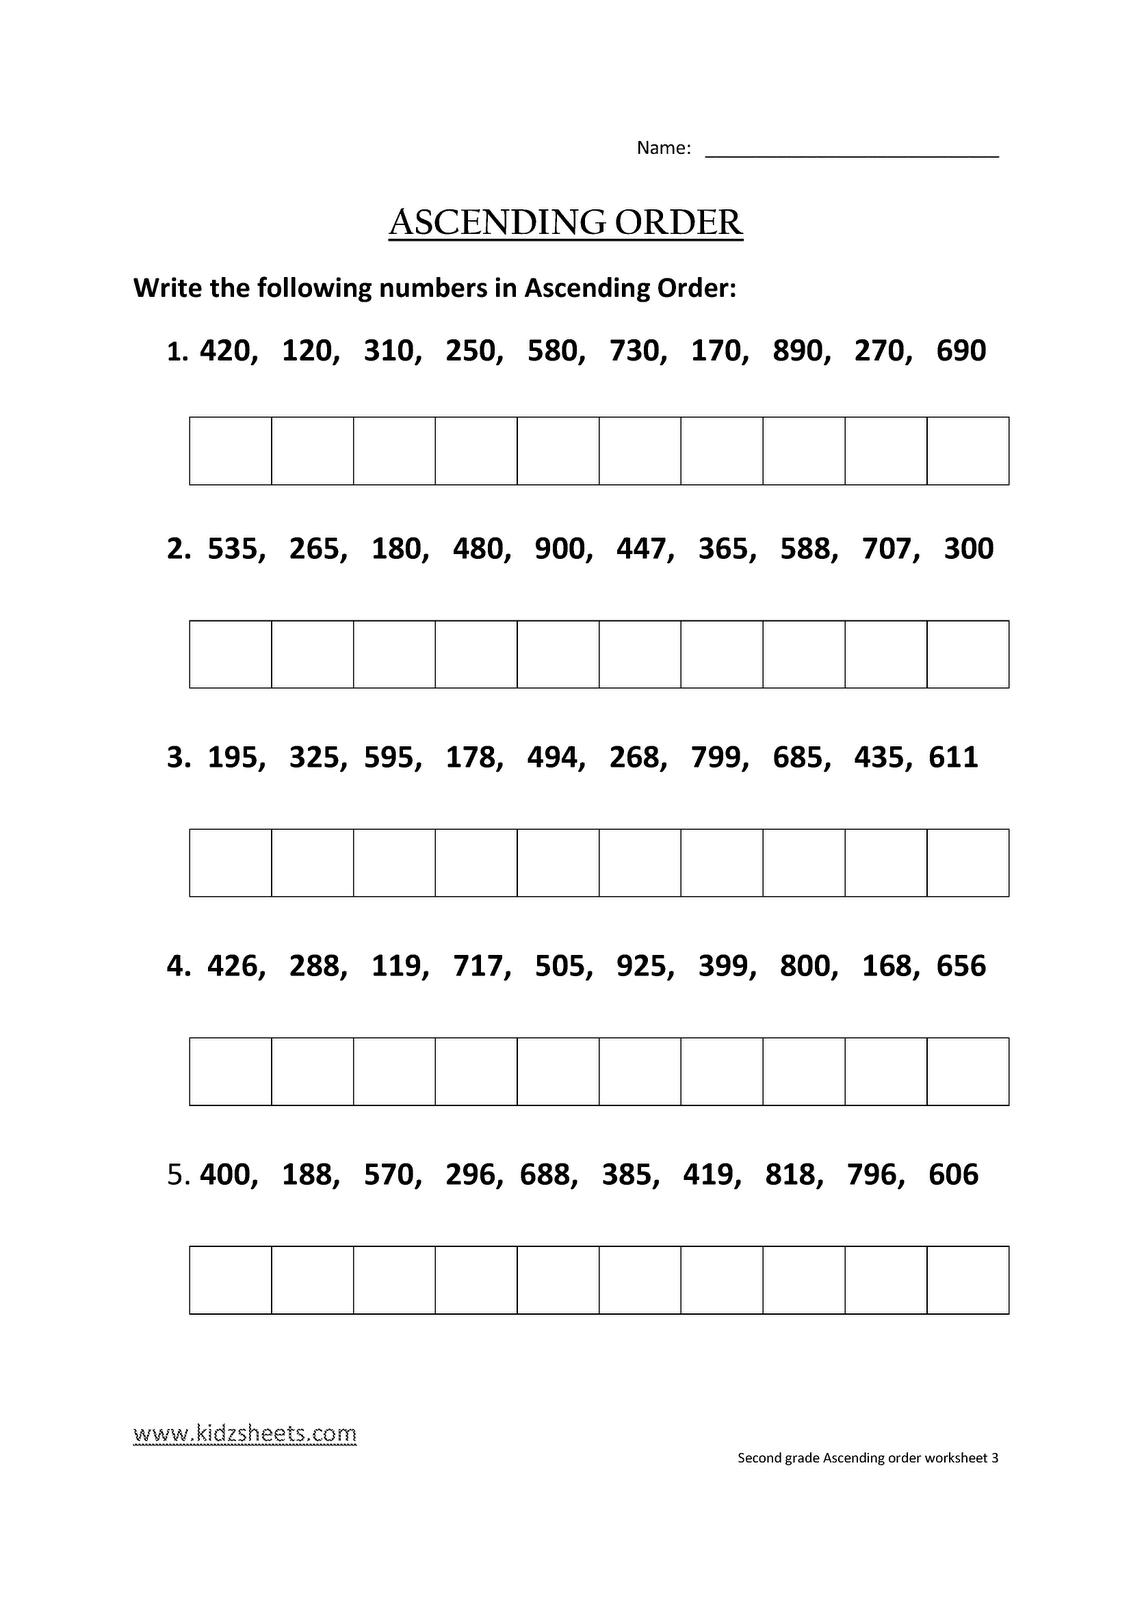 Kidz Worksheets Second Grade Ascending Order Worksheet3